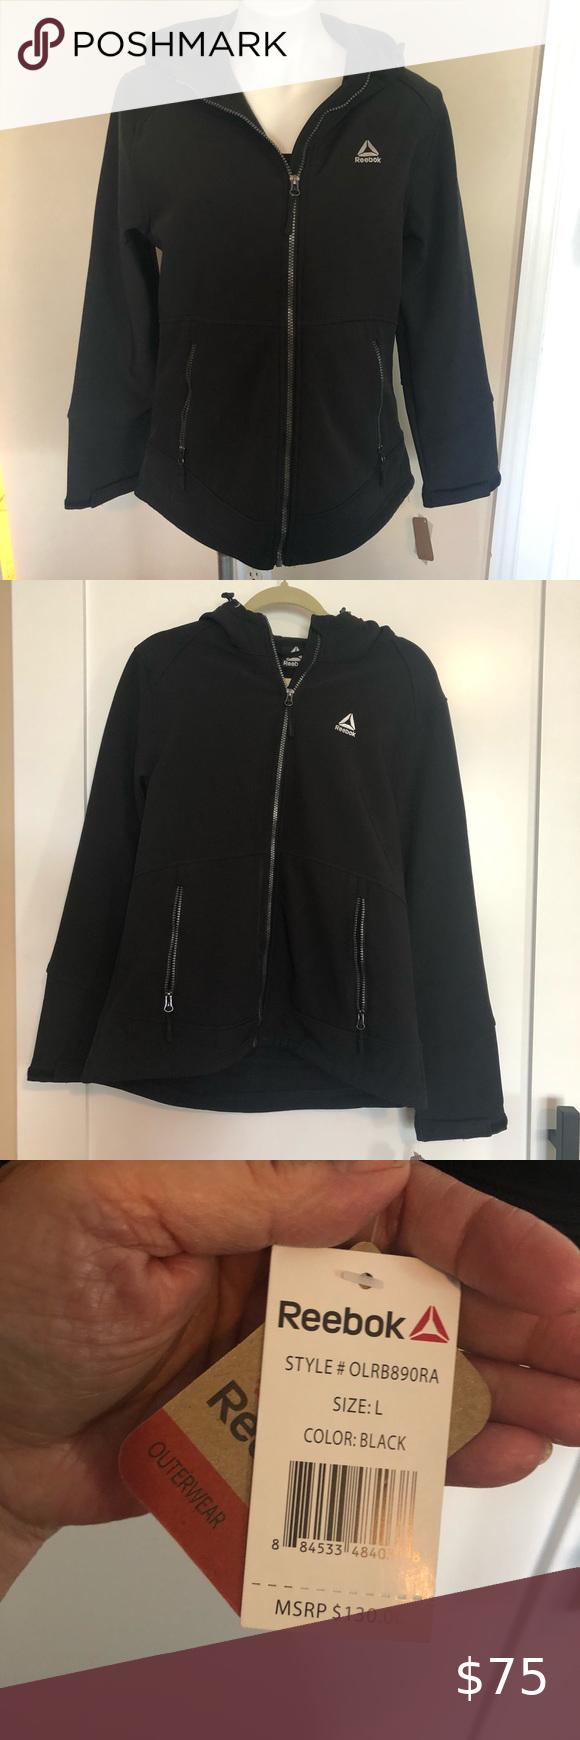 New Reebok Black Hooded Jacket Sz L Black Hooded Jacket Black And White Jacket Hooded Jacket [ 1740 x 580 Pixel ]